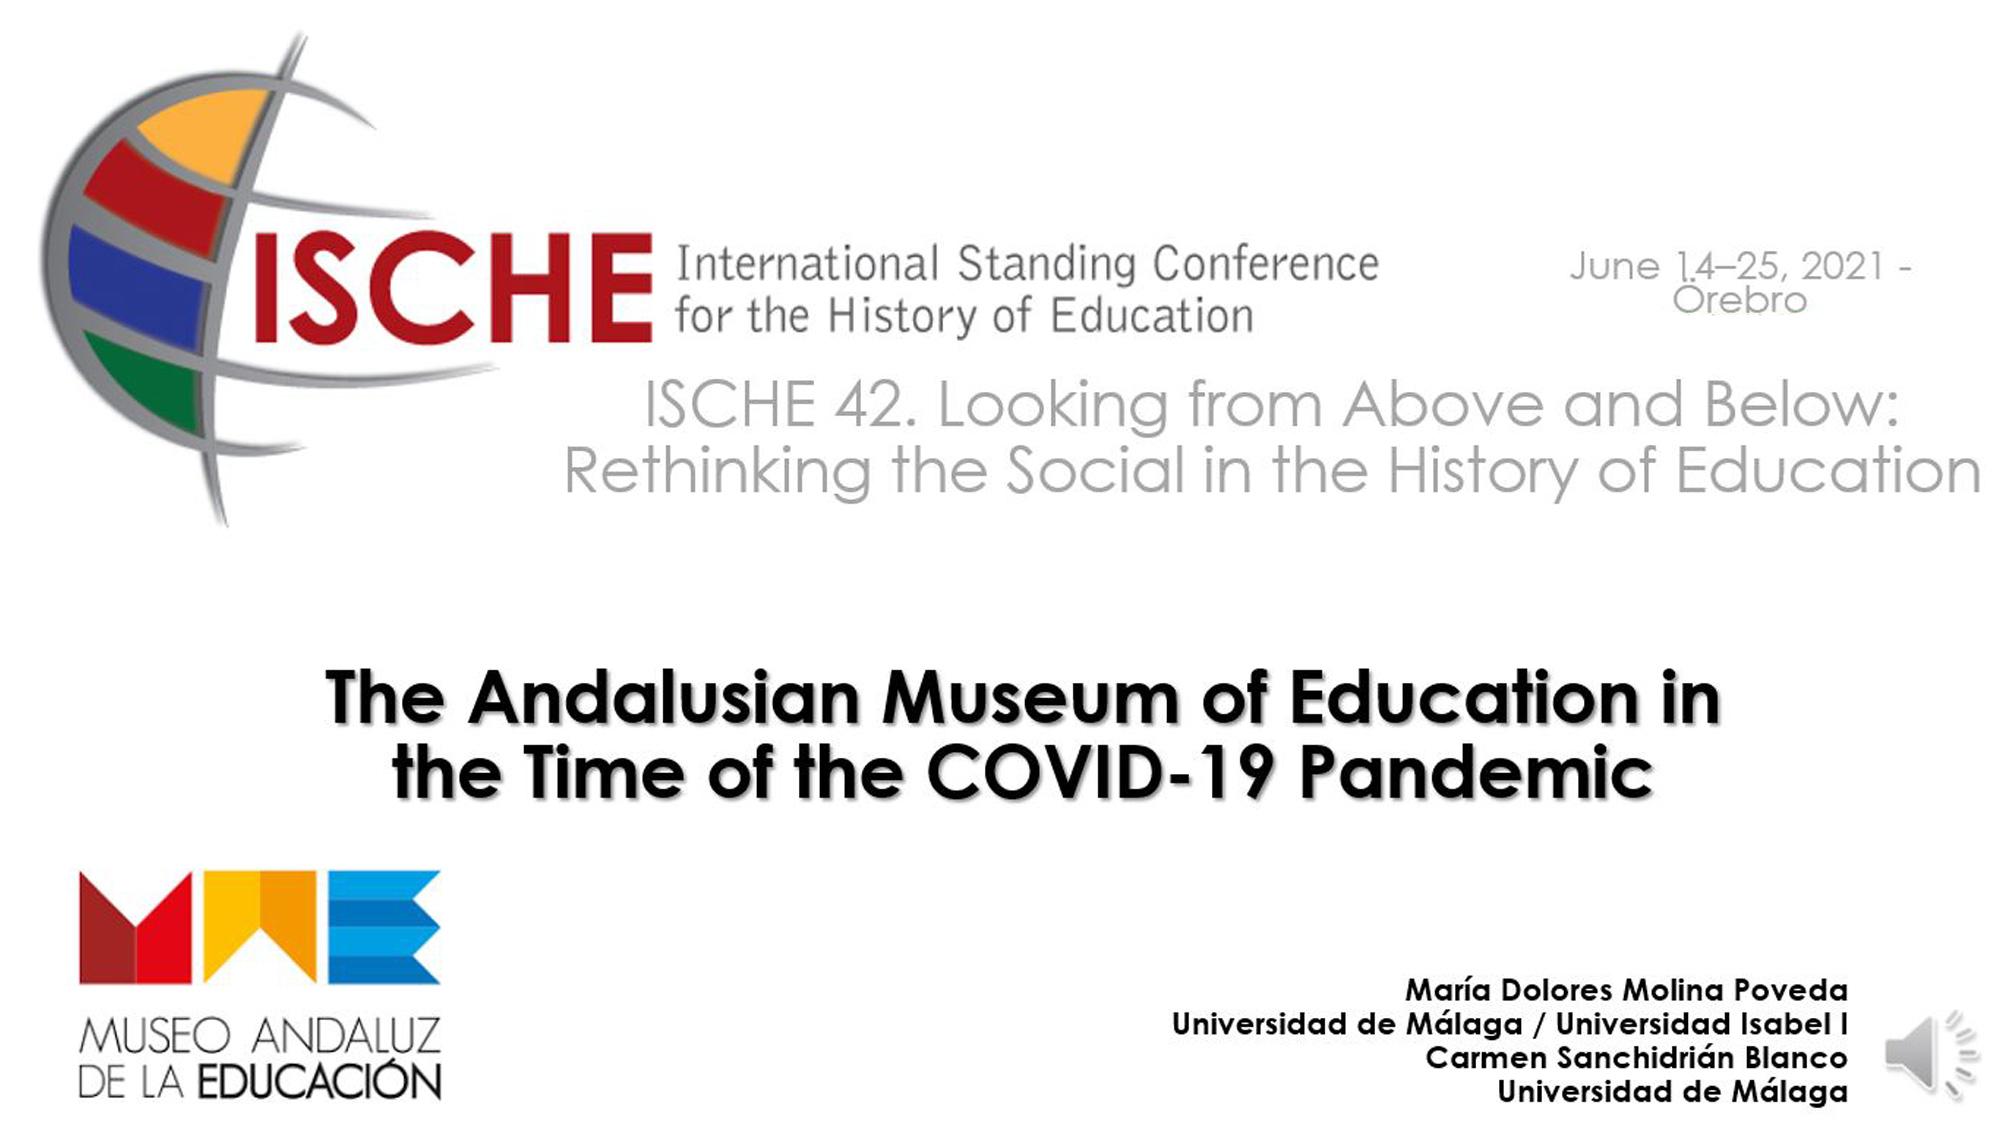 El MAE participa en el congreso anual de la ISCHE